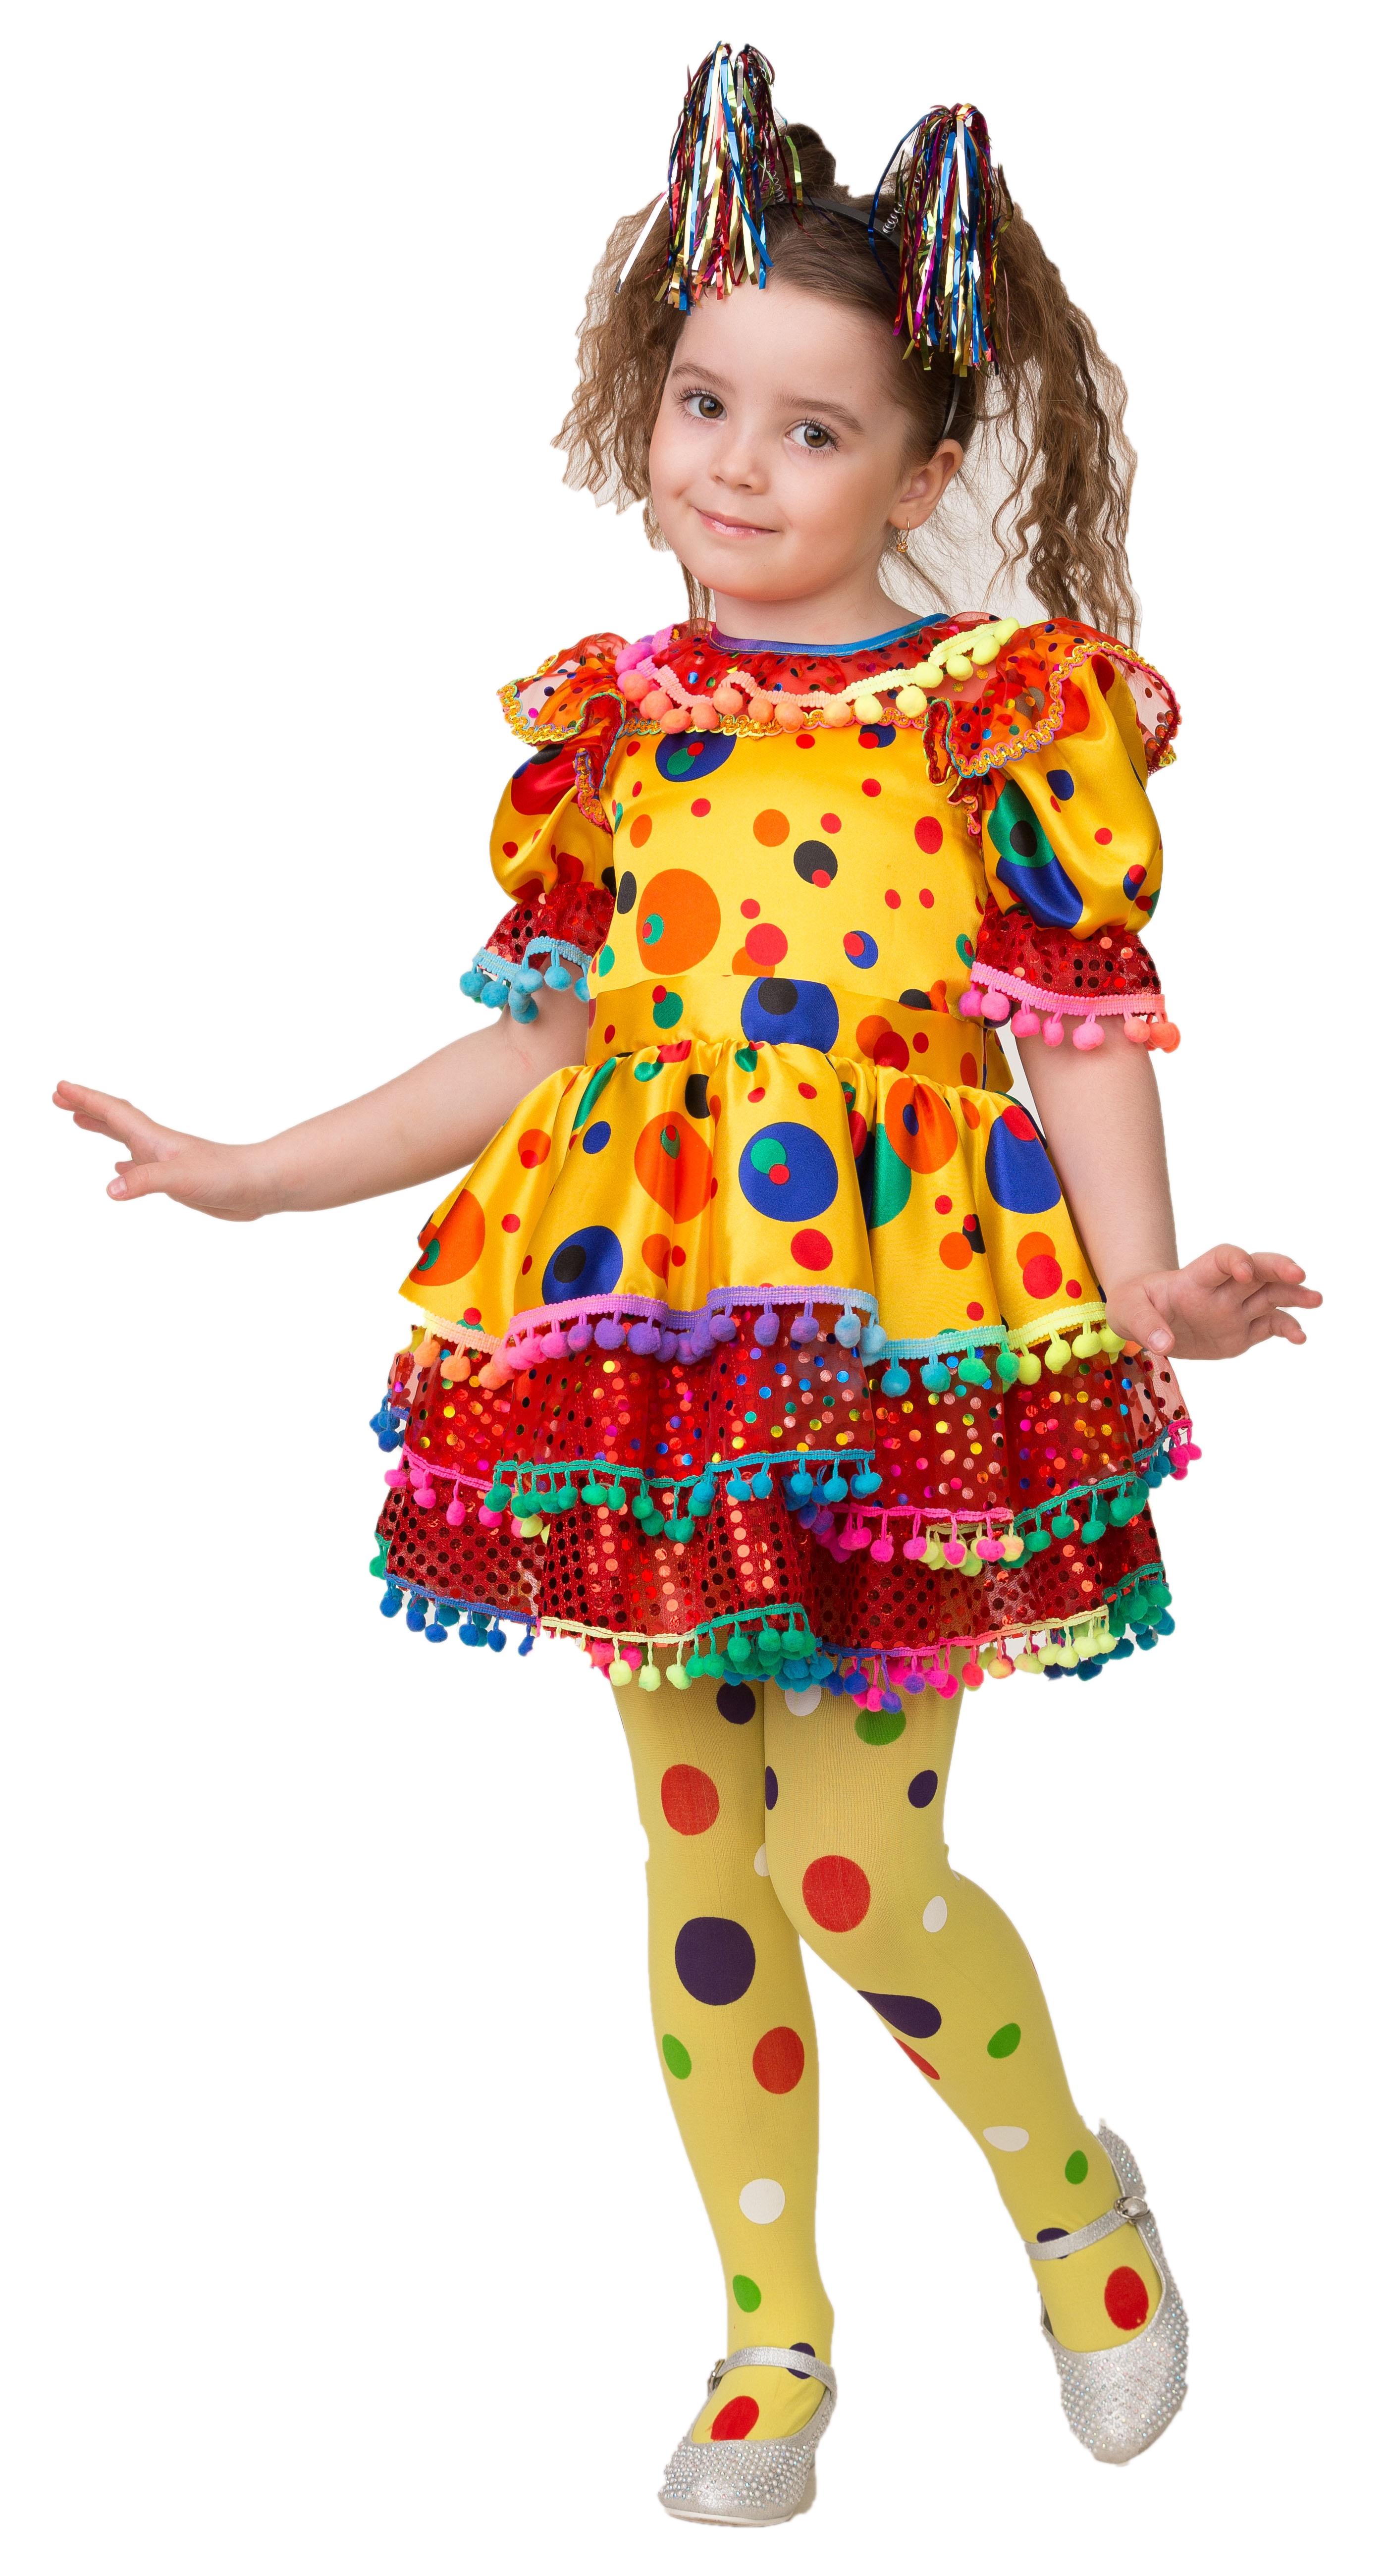 Детский костюм Хлопушки (30) хлопушки бумфети для свадьбы спб